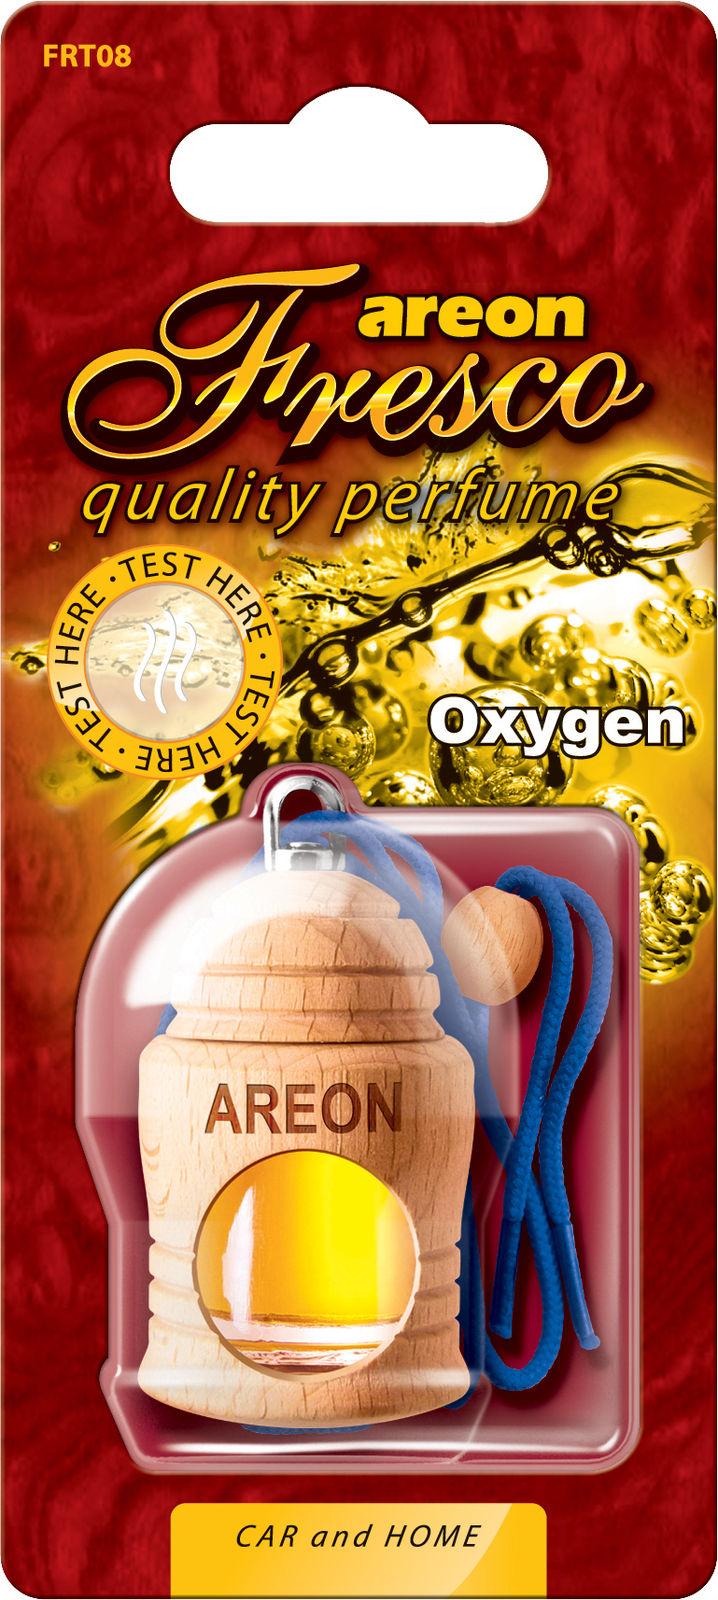 Tinh dầu thiên nhiên AREON treo xe ô tô - Fresco Oxygen (NHẬP KHẨU BULGARIA)